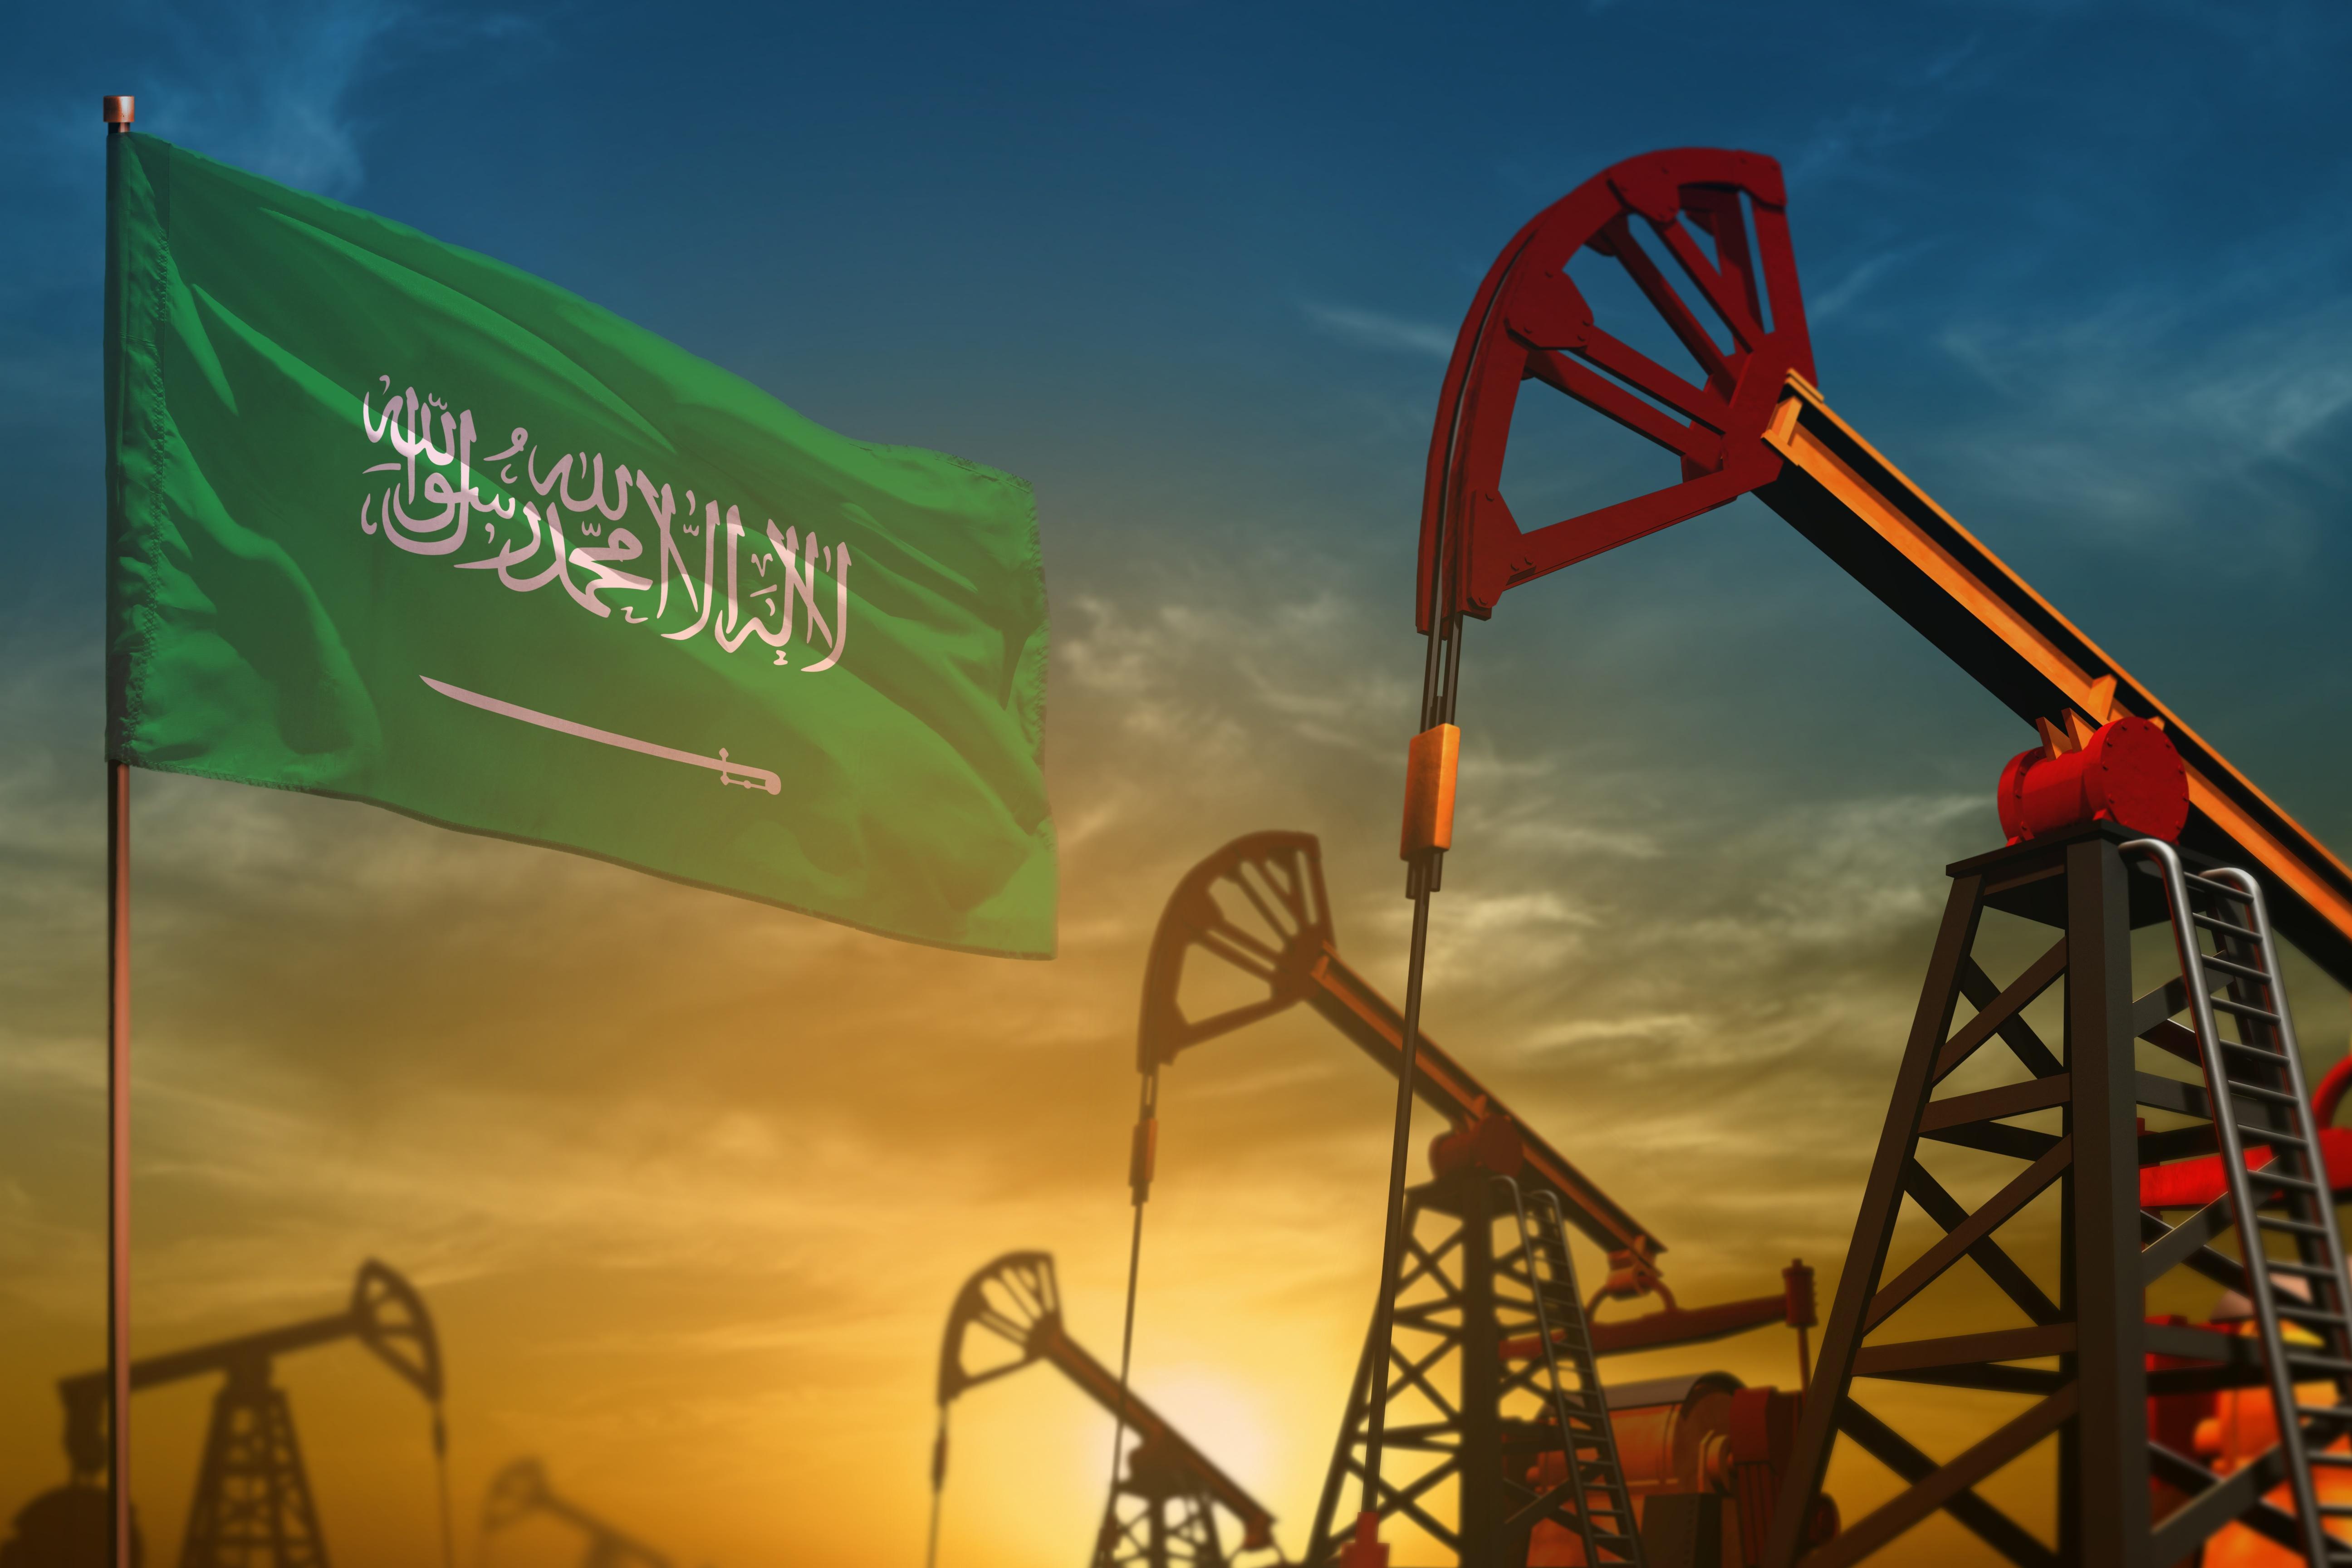 Gruparea Stat Islamic le cere adepților să atace occidentalii și conductele petroliere din Arabia Saudită